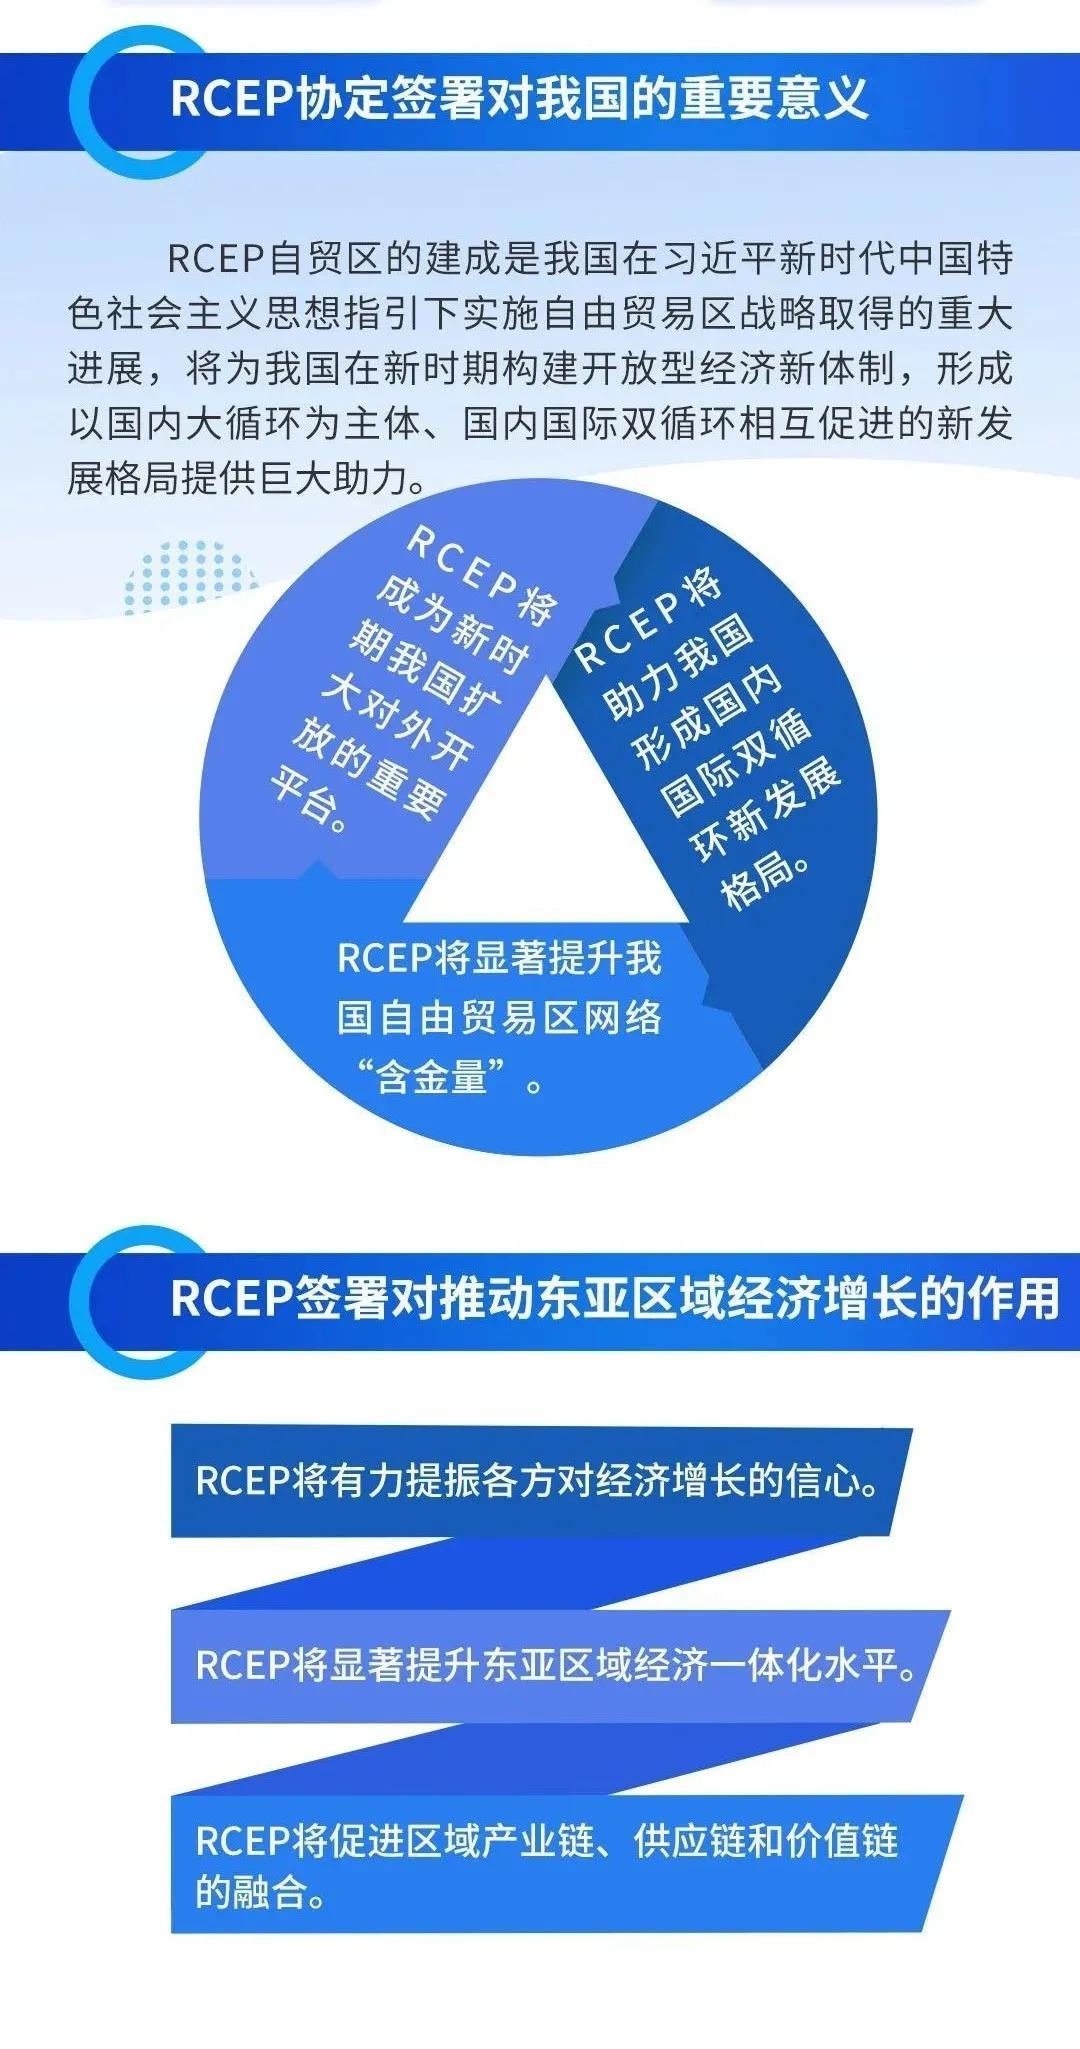 RCEP正式达成,商务部解读跨境电商重大利好!(图4)